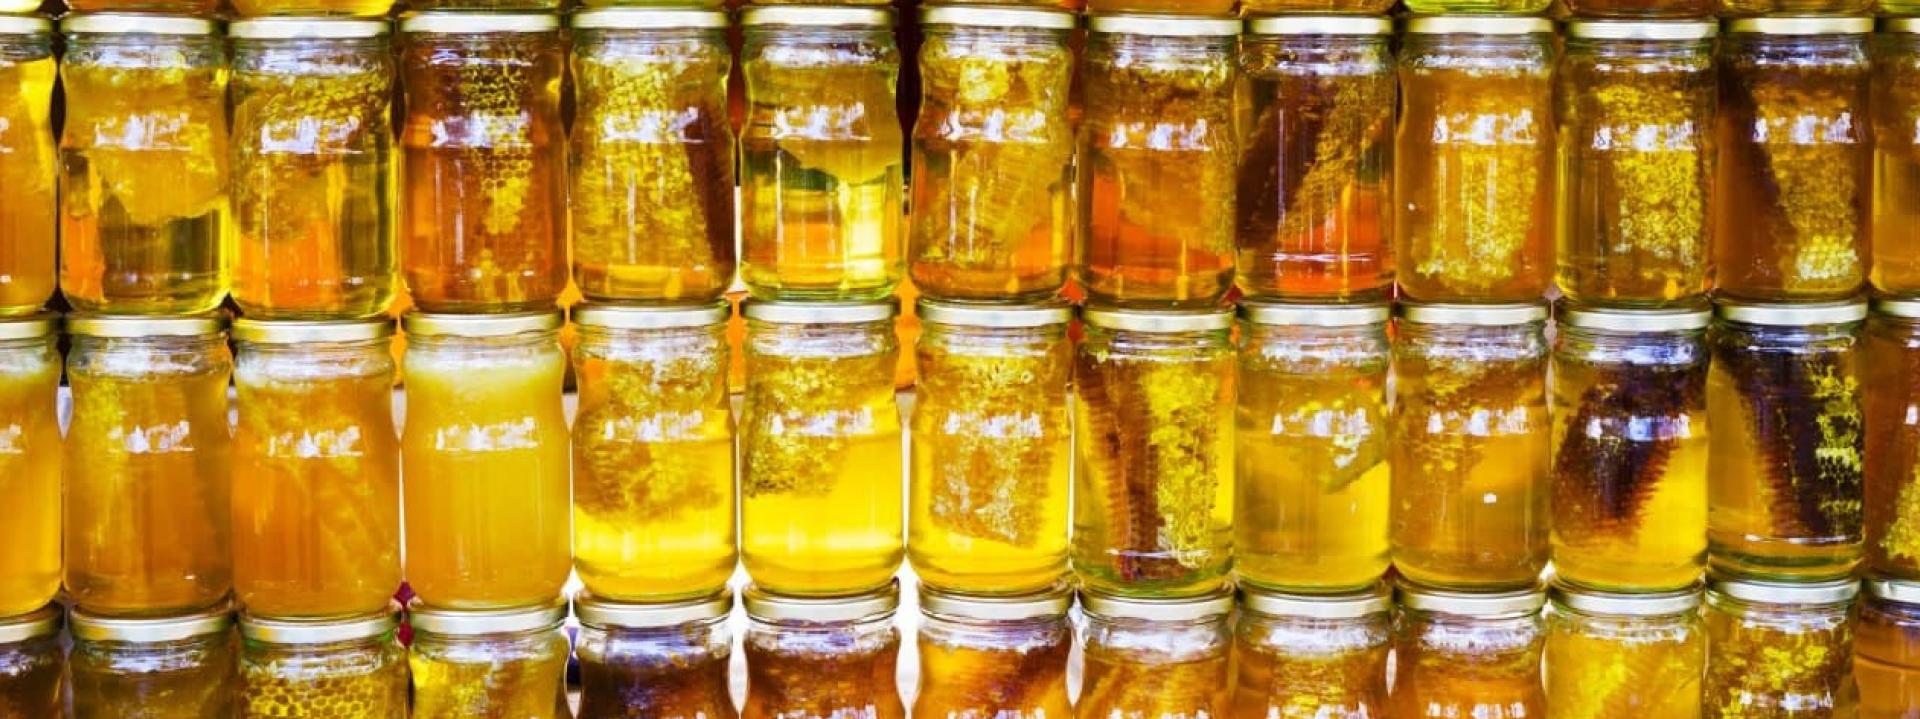 Цена на мёд 2021 – аналитика и прогнозы